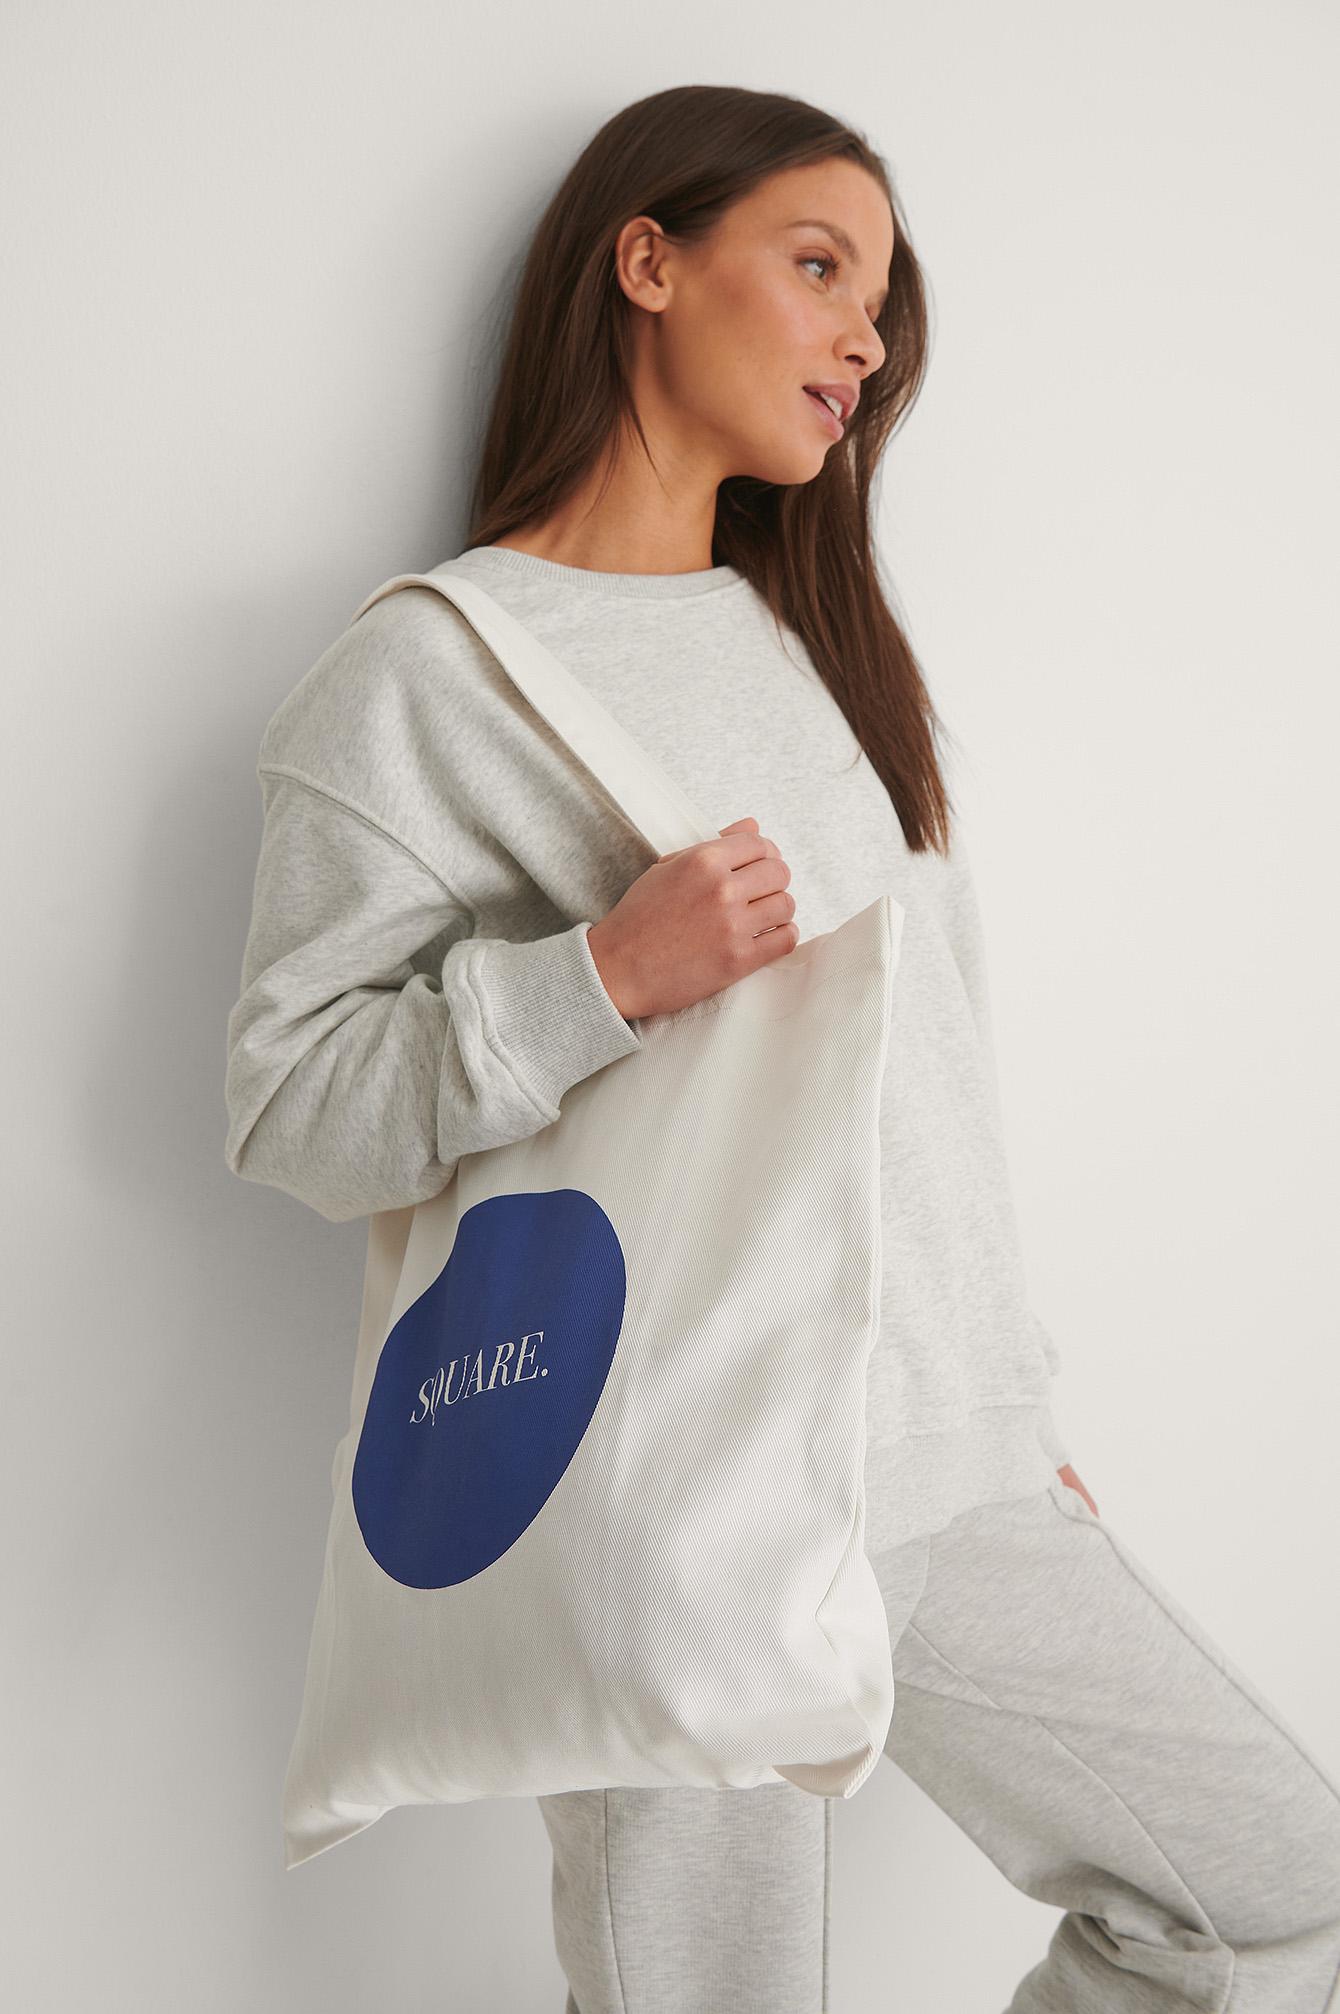 na-kd accessories -  Organisch Eckige Stofftasche - Offwhite